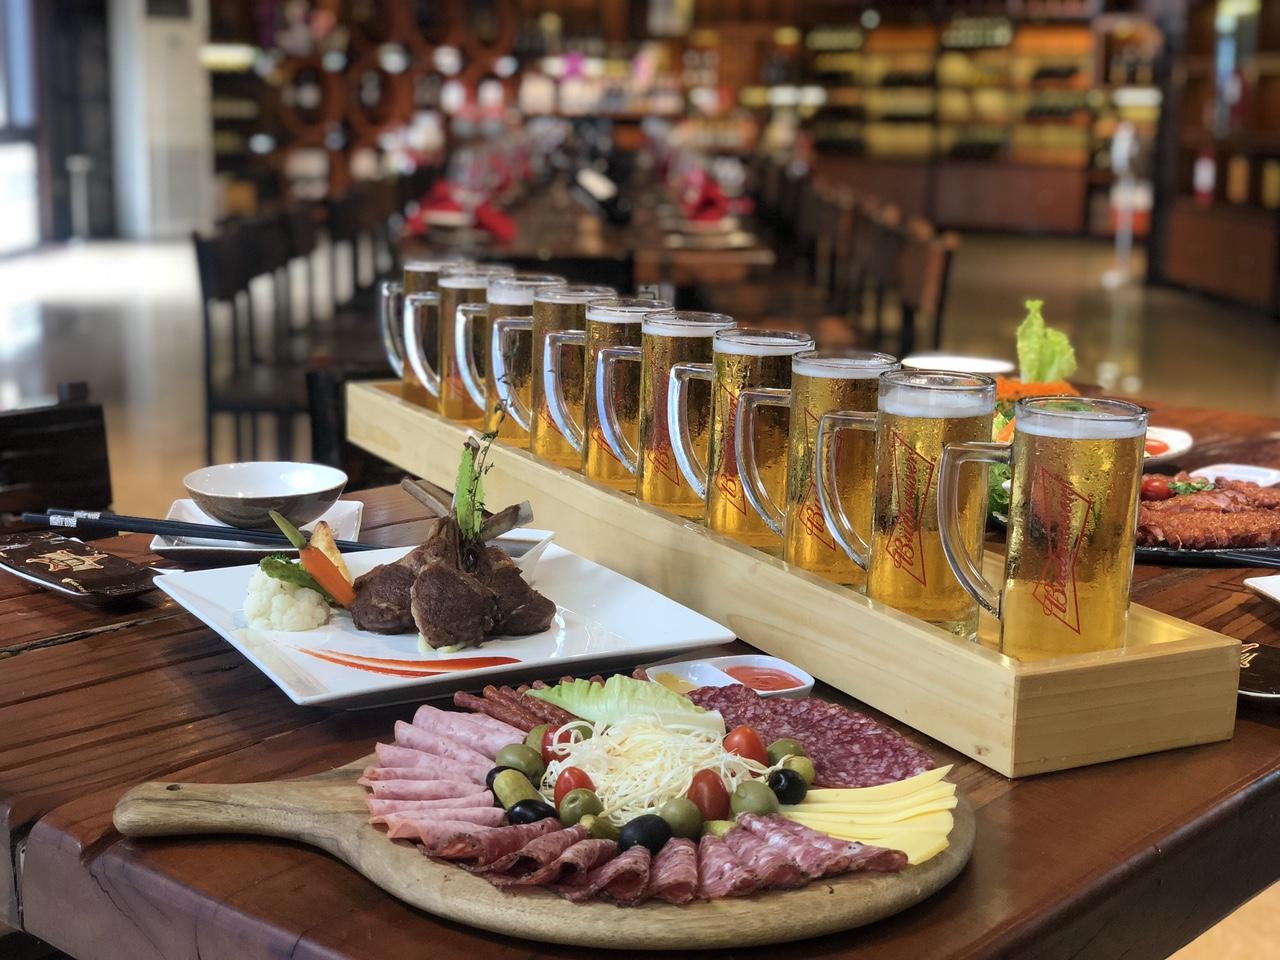 Bia Mét - Nét độc đáo chỉ có tại Vườn Bia Hà Nội